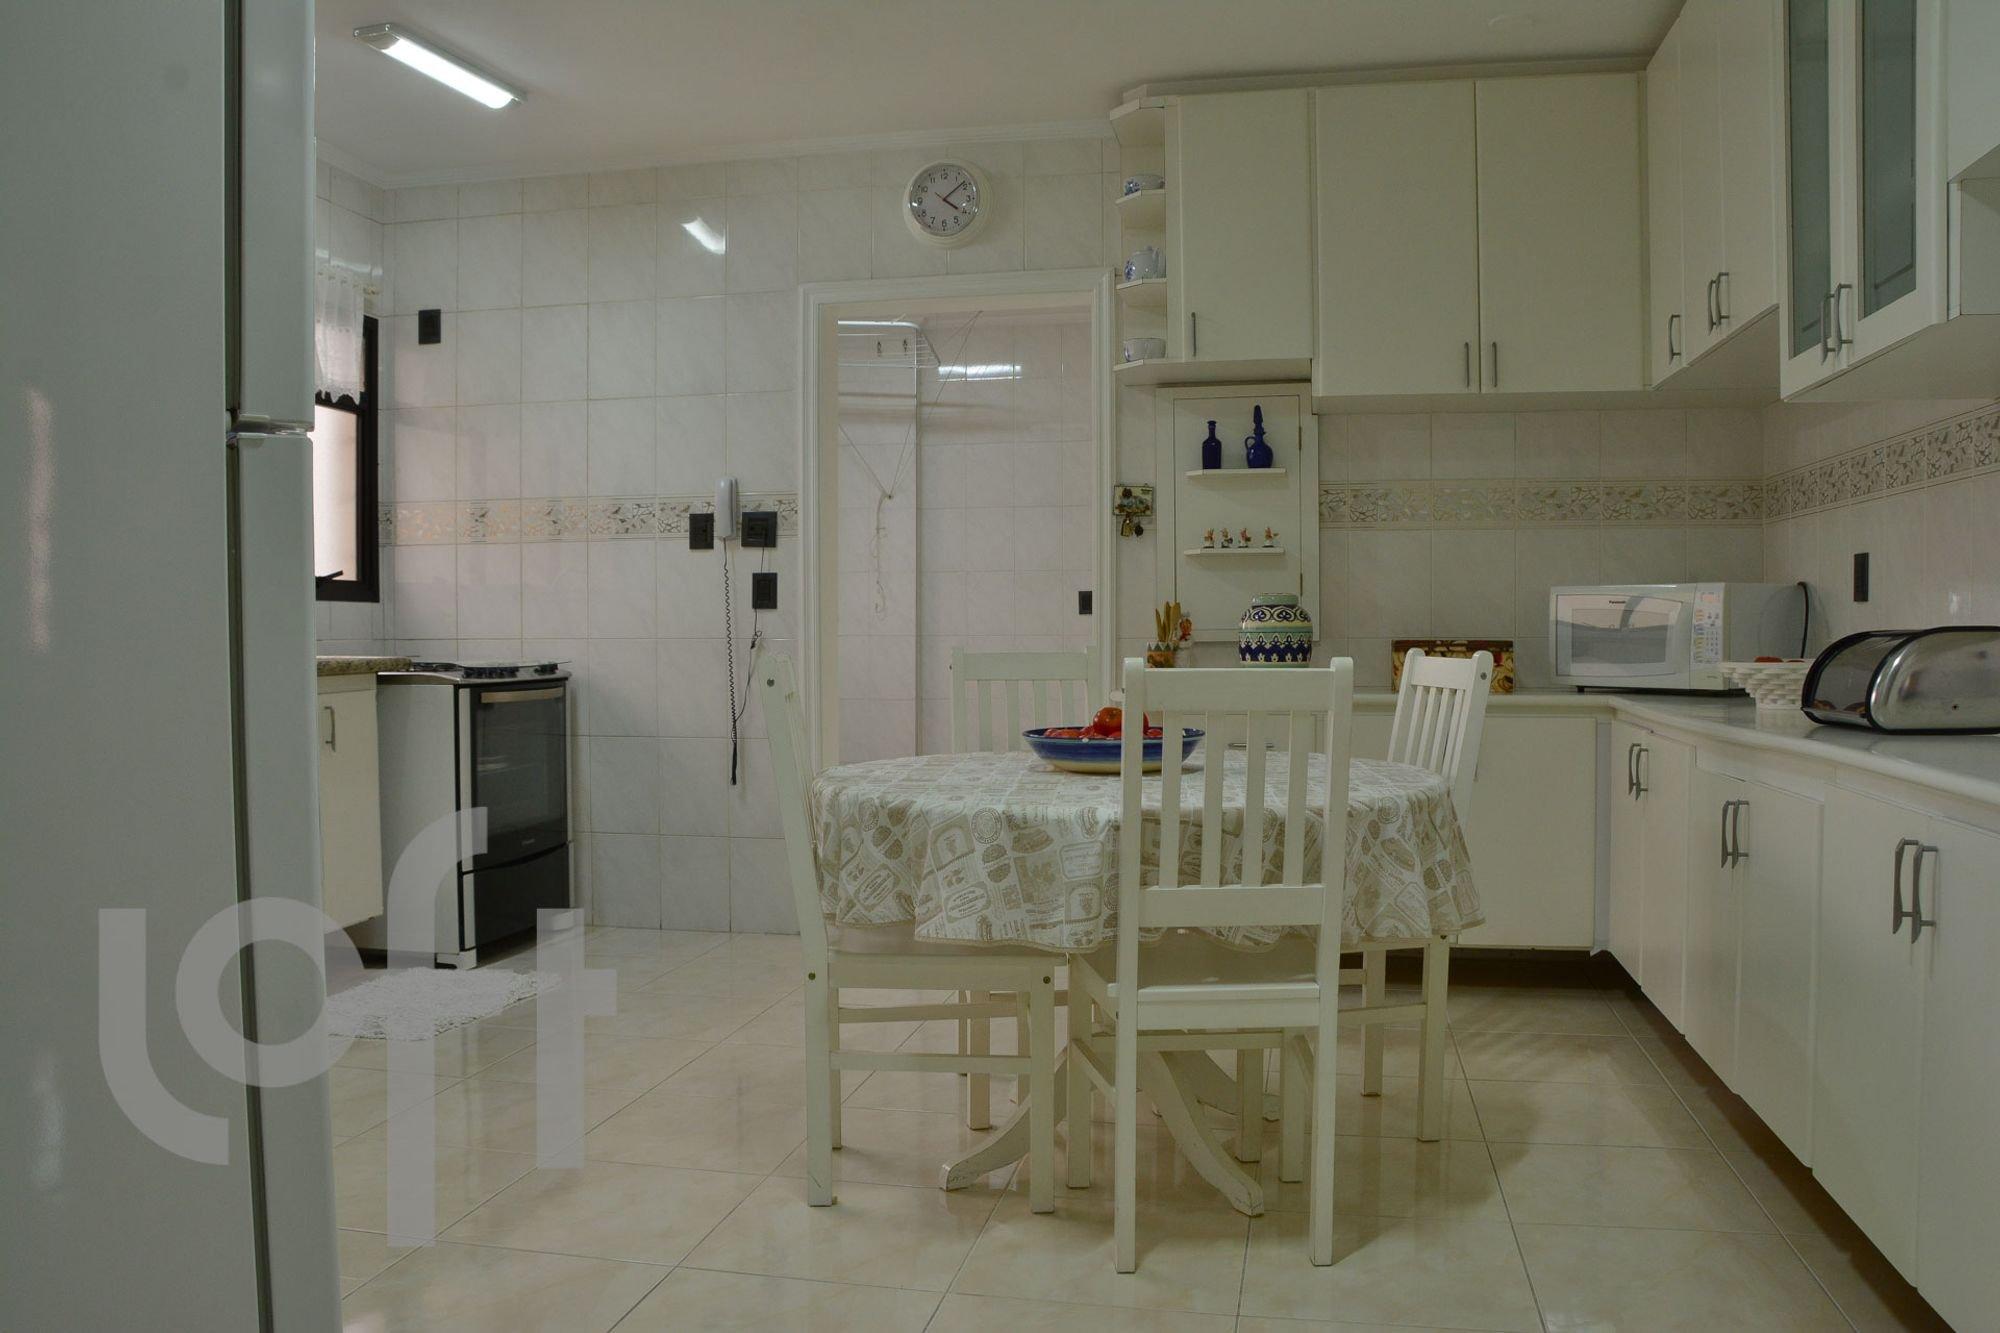 Foto de Cozinha com relógio, garrafa, tigela, cadeira, microondas, mesa de jantar